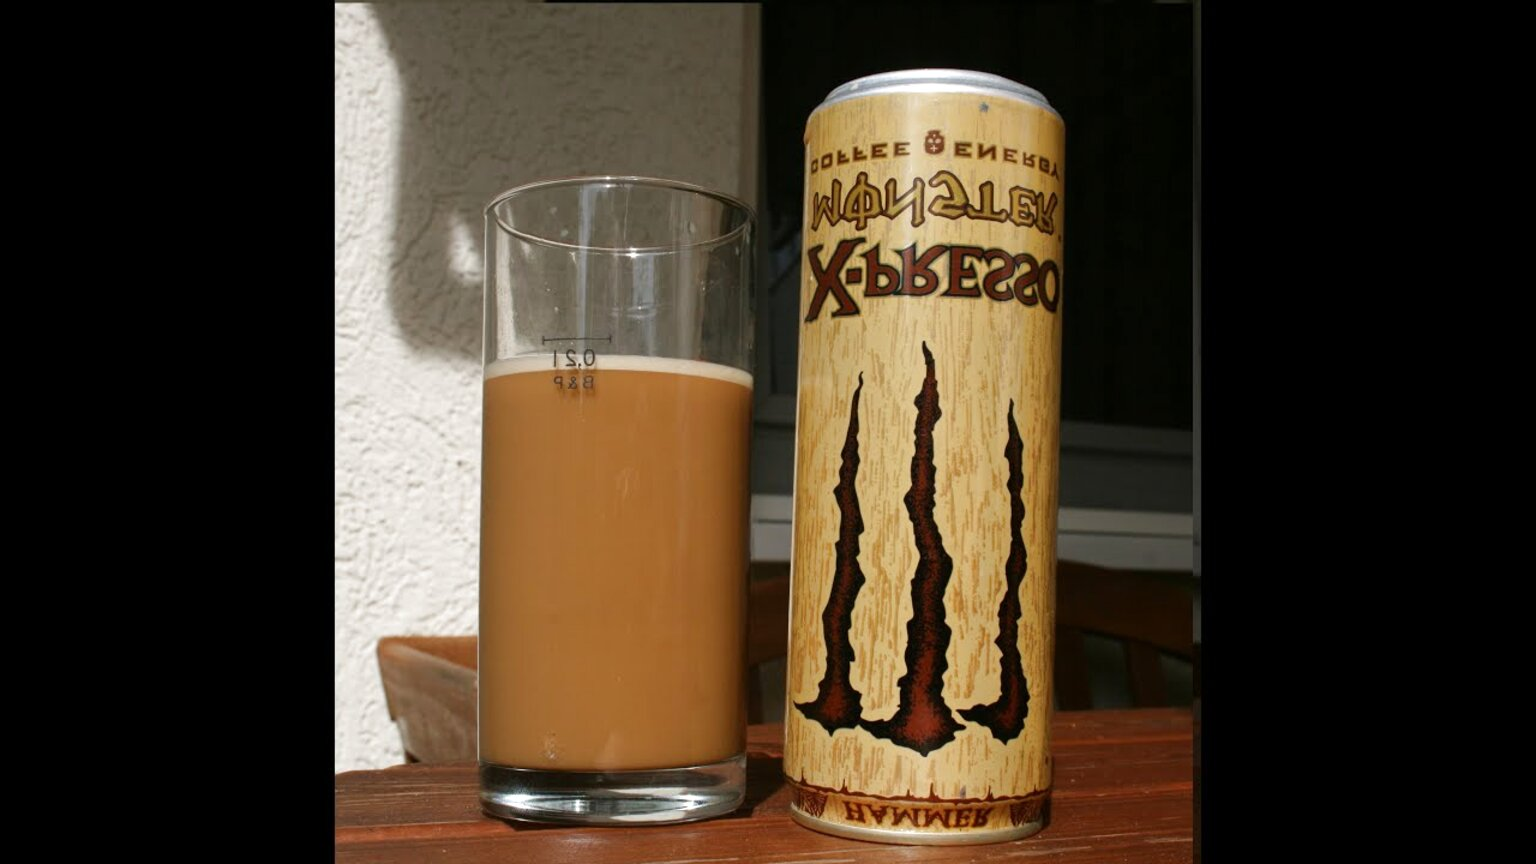 monster drink for sale